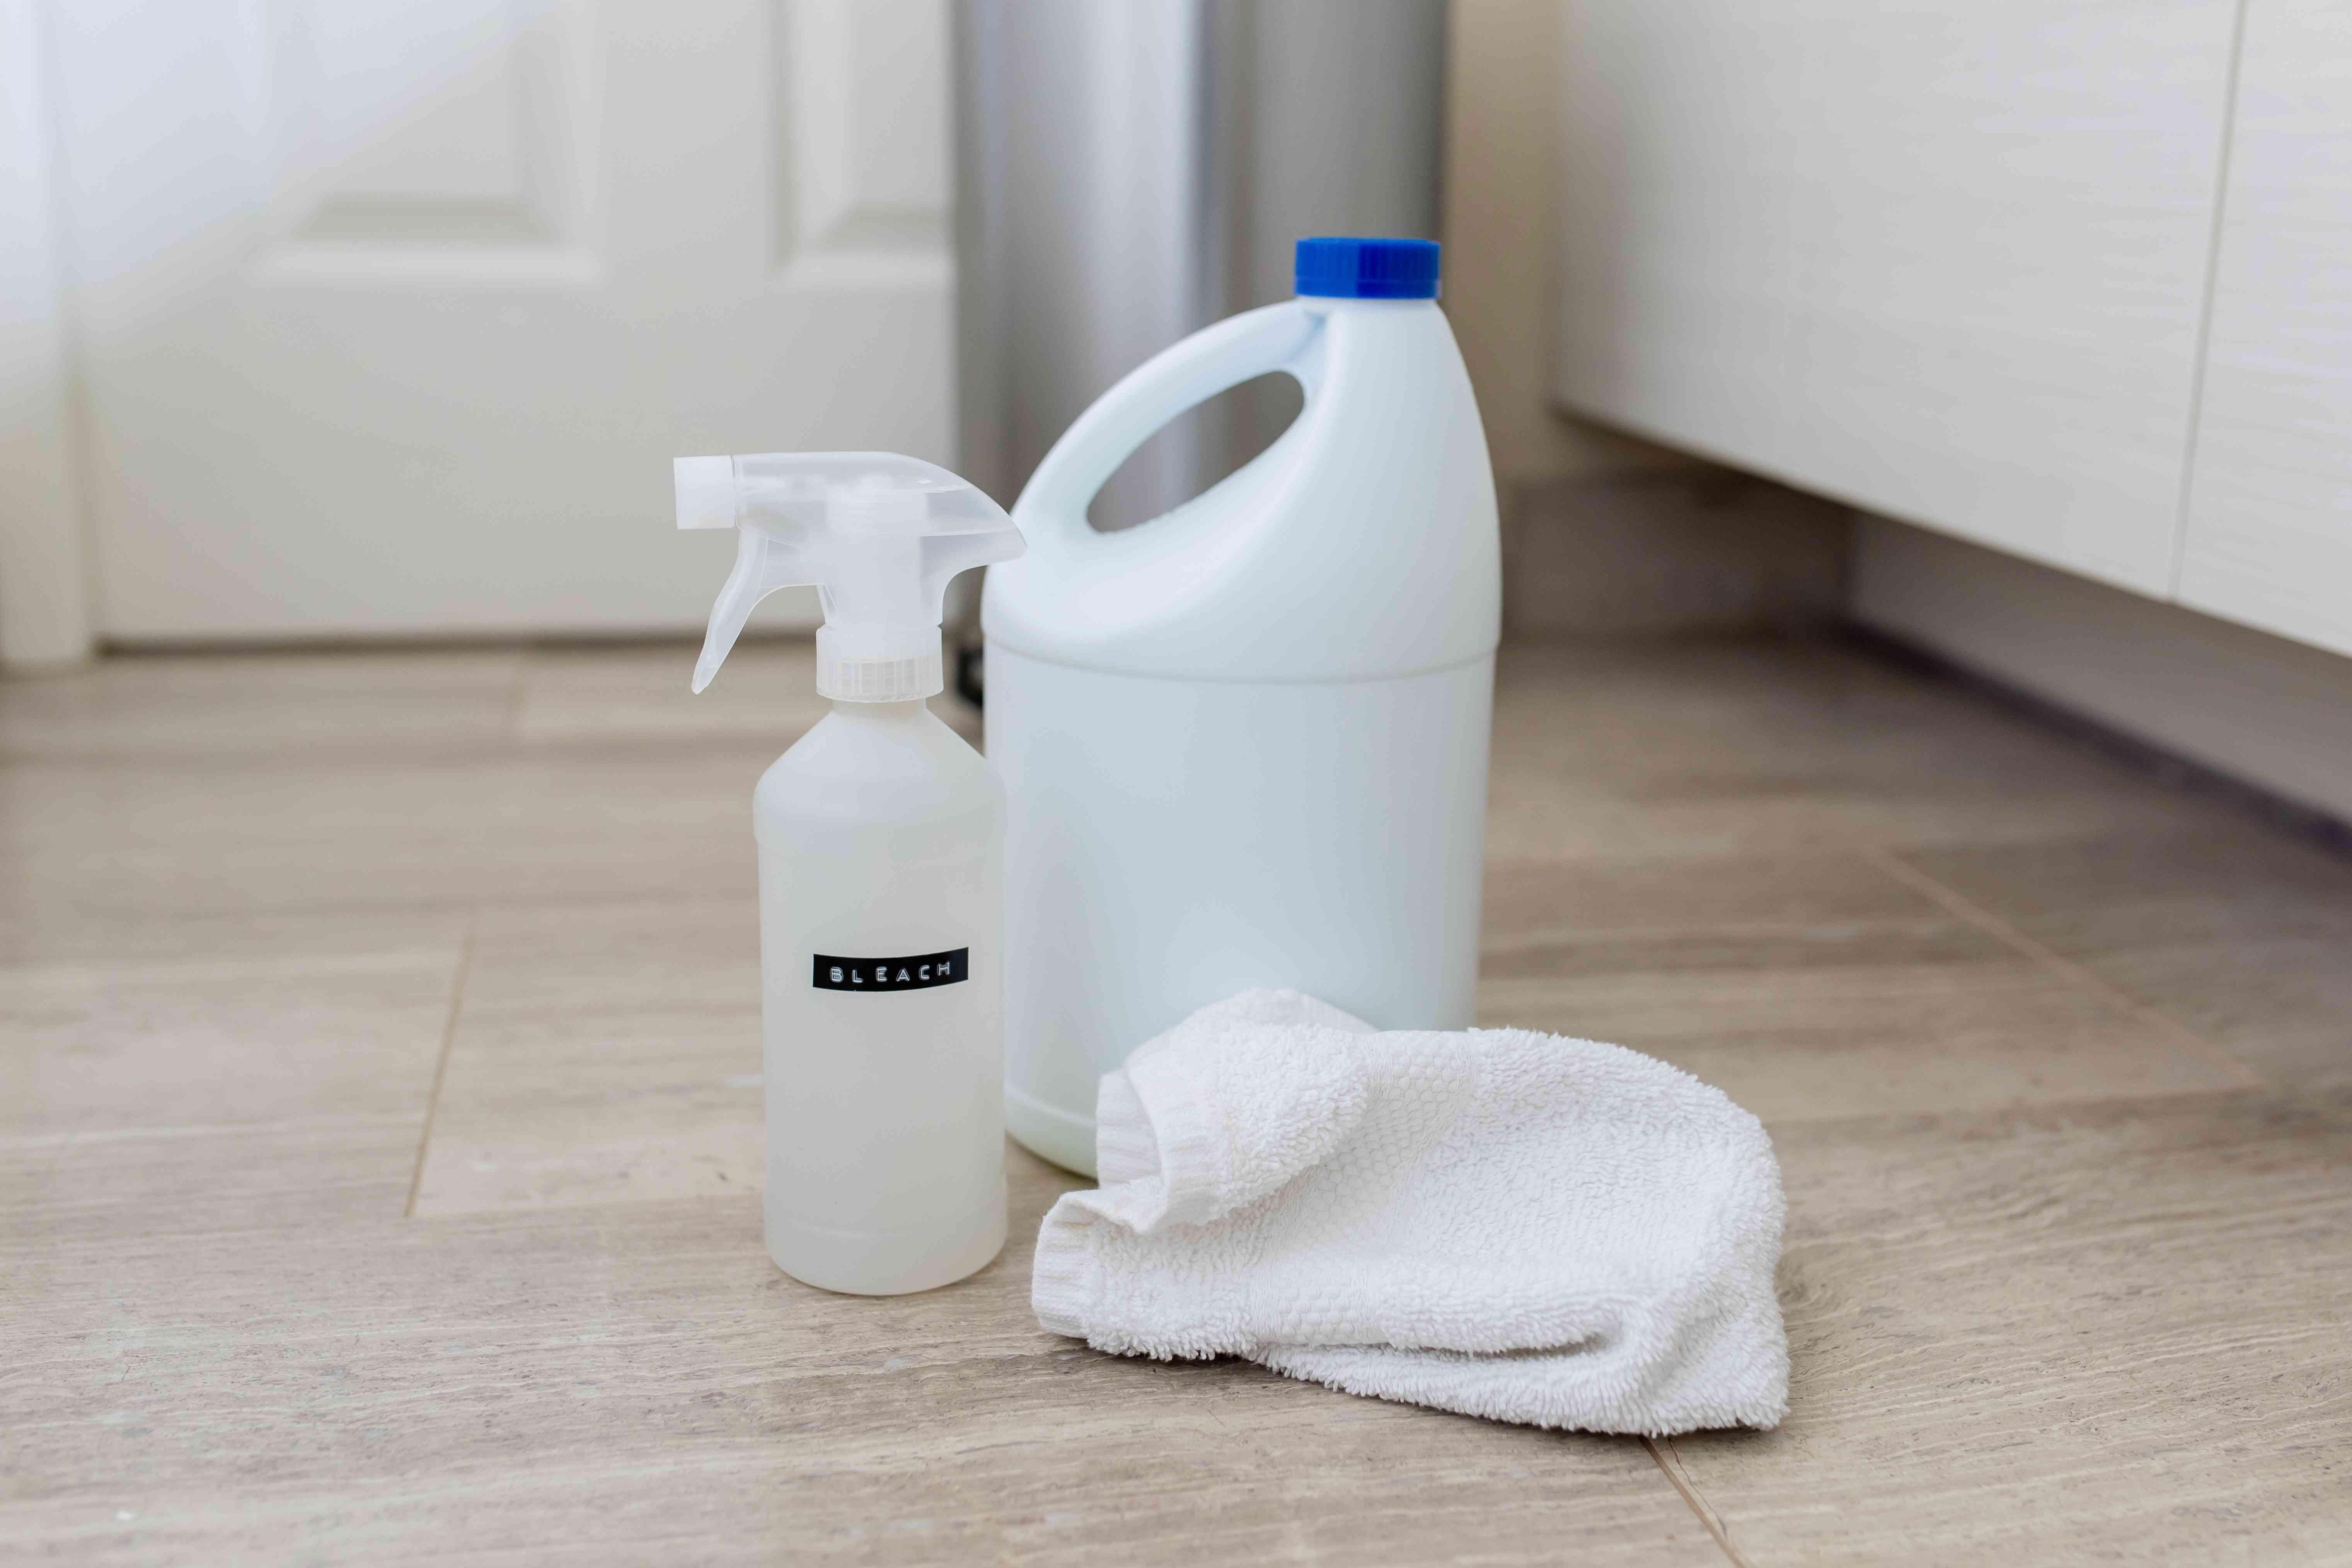 botellas de lejía y una toalla